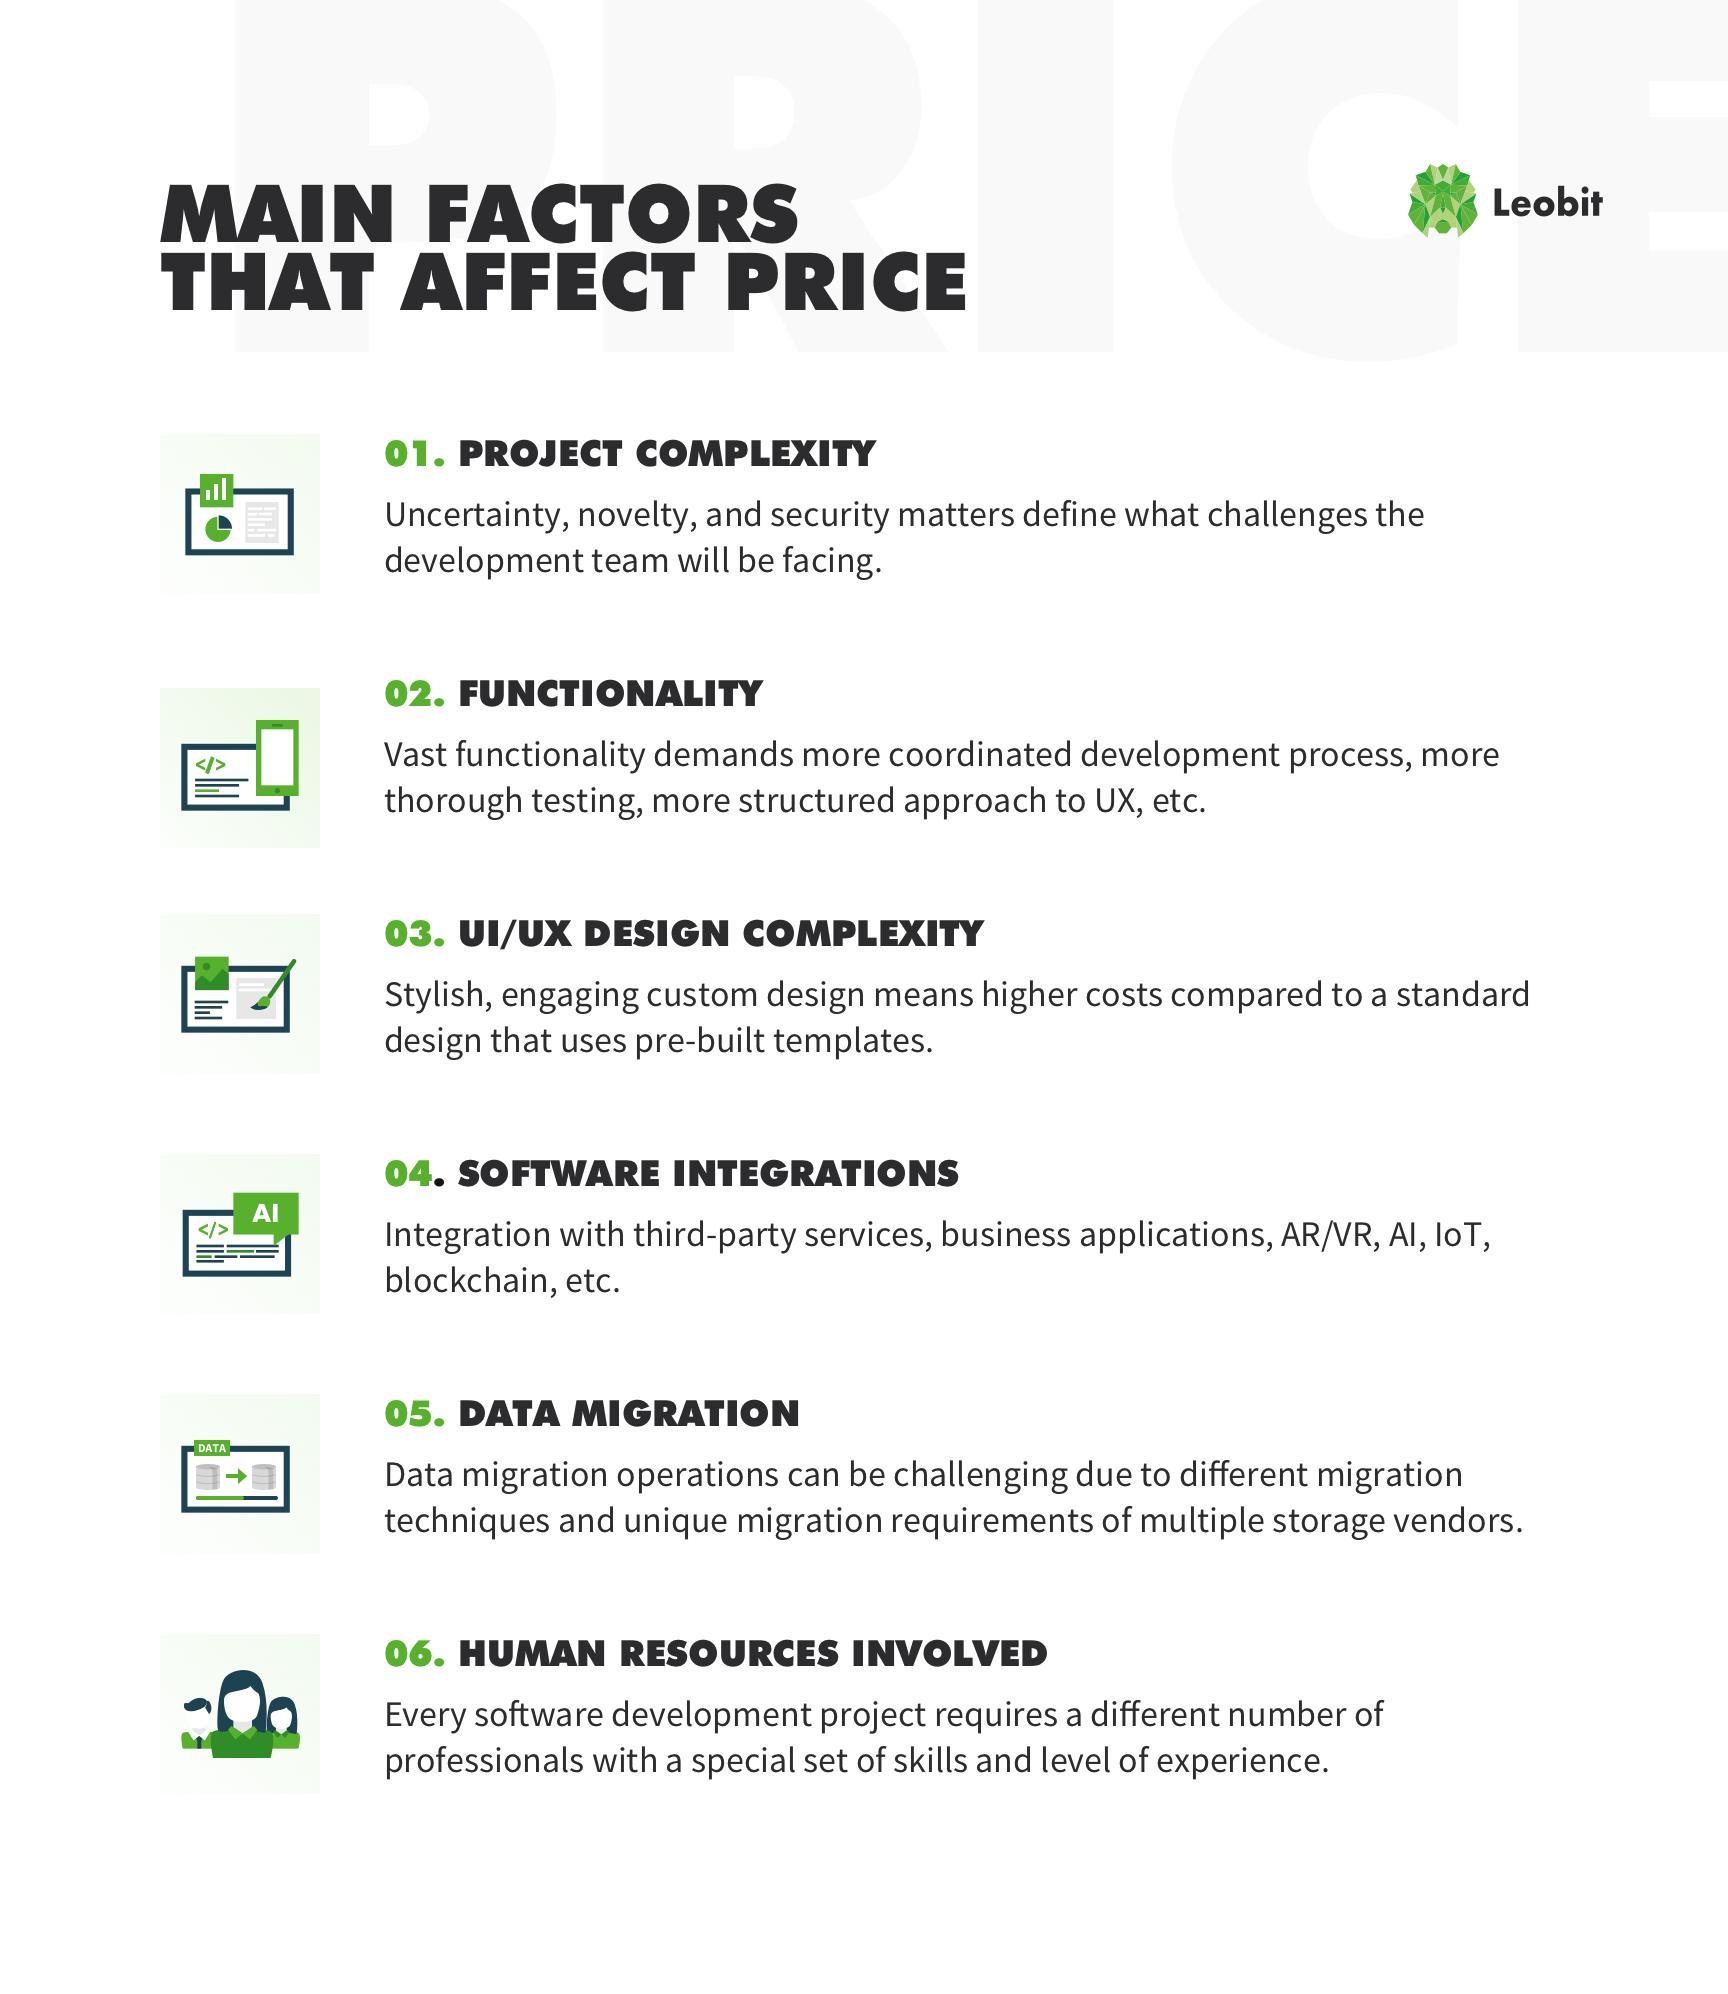 Main factors that affect Software development budget